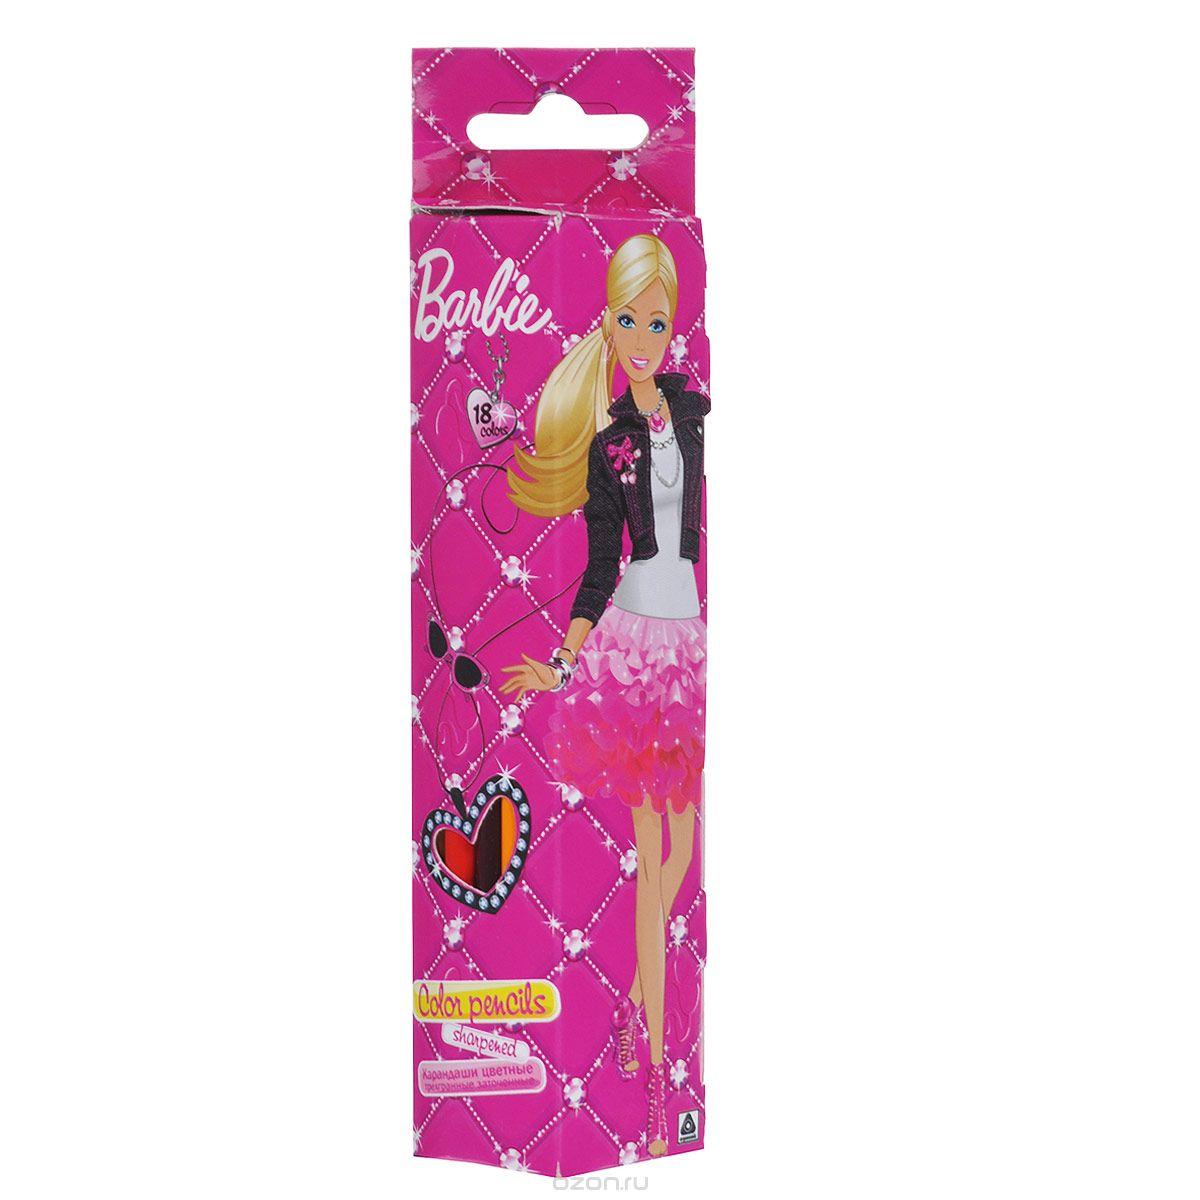 Набор цветных карандашей (треугольные), 18 шт. Цветные карандаши длиной 17,8 см; заточенные; дерево - липа; цветной грифель 2,65 мм; Barbie академия групп цветные карандаши monster high из черного дерева 12 шт